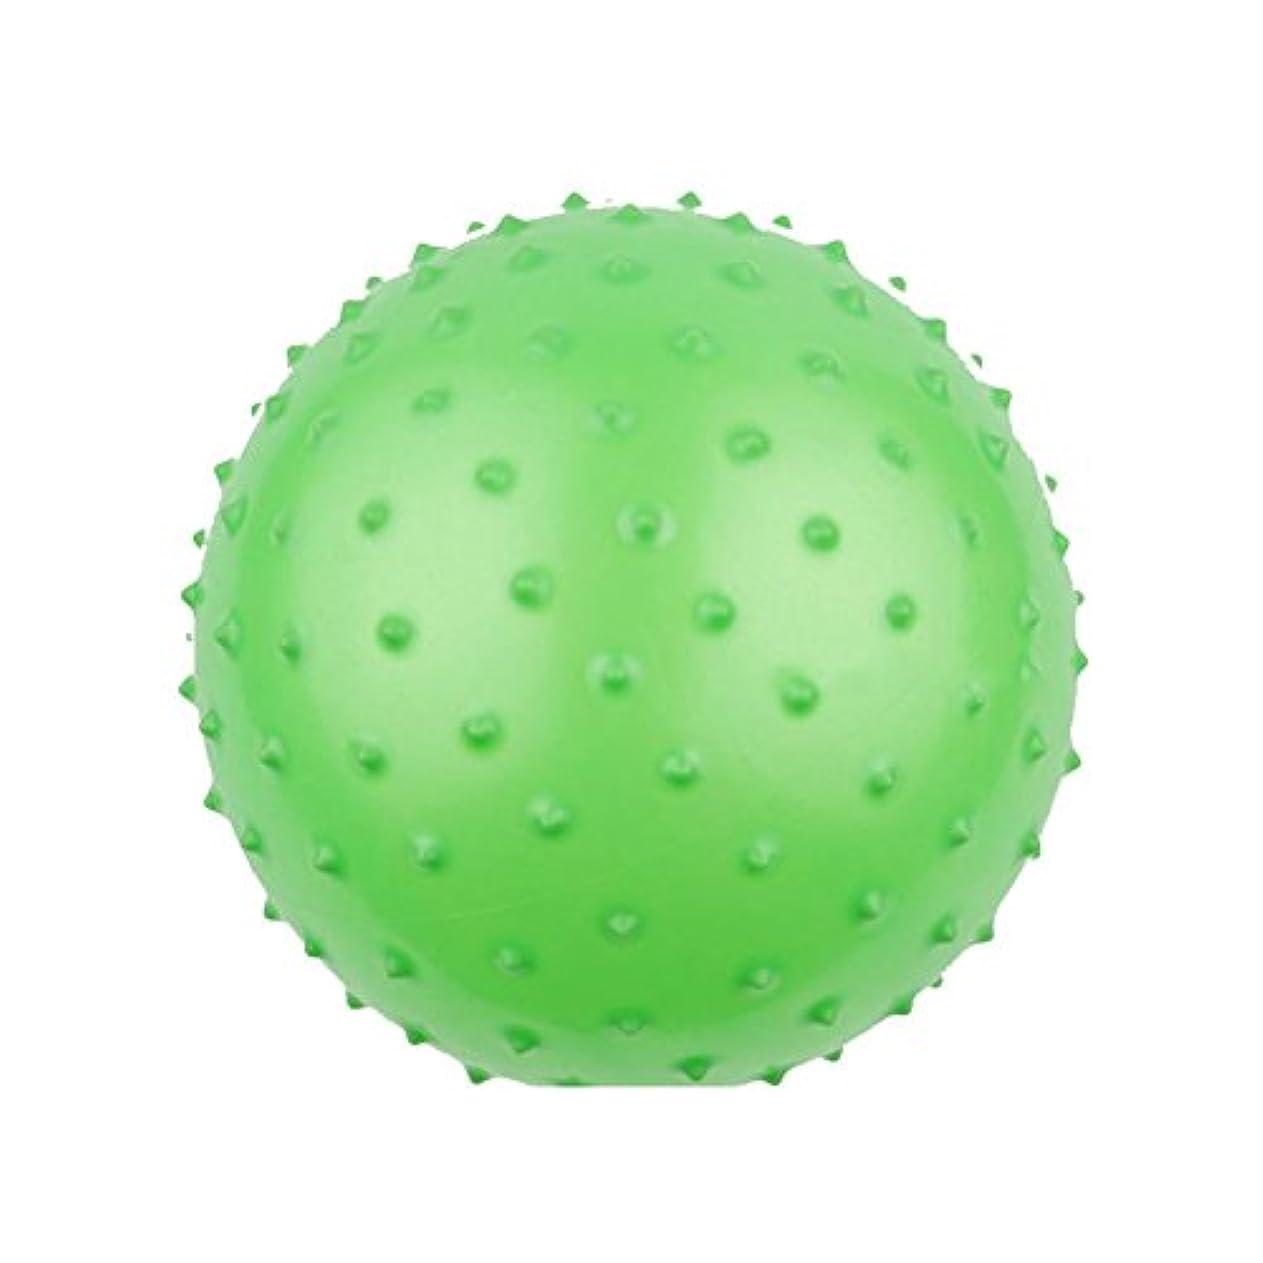 メイトシソーラス新しさLiebeye 野球ボール 素敵な野球ボールマッサージボールキッズインフレータブルおもちゃのギフト装飾品(ランダムカラー) 28cmマッサージボール